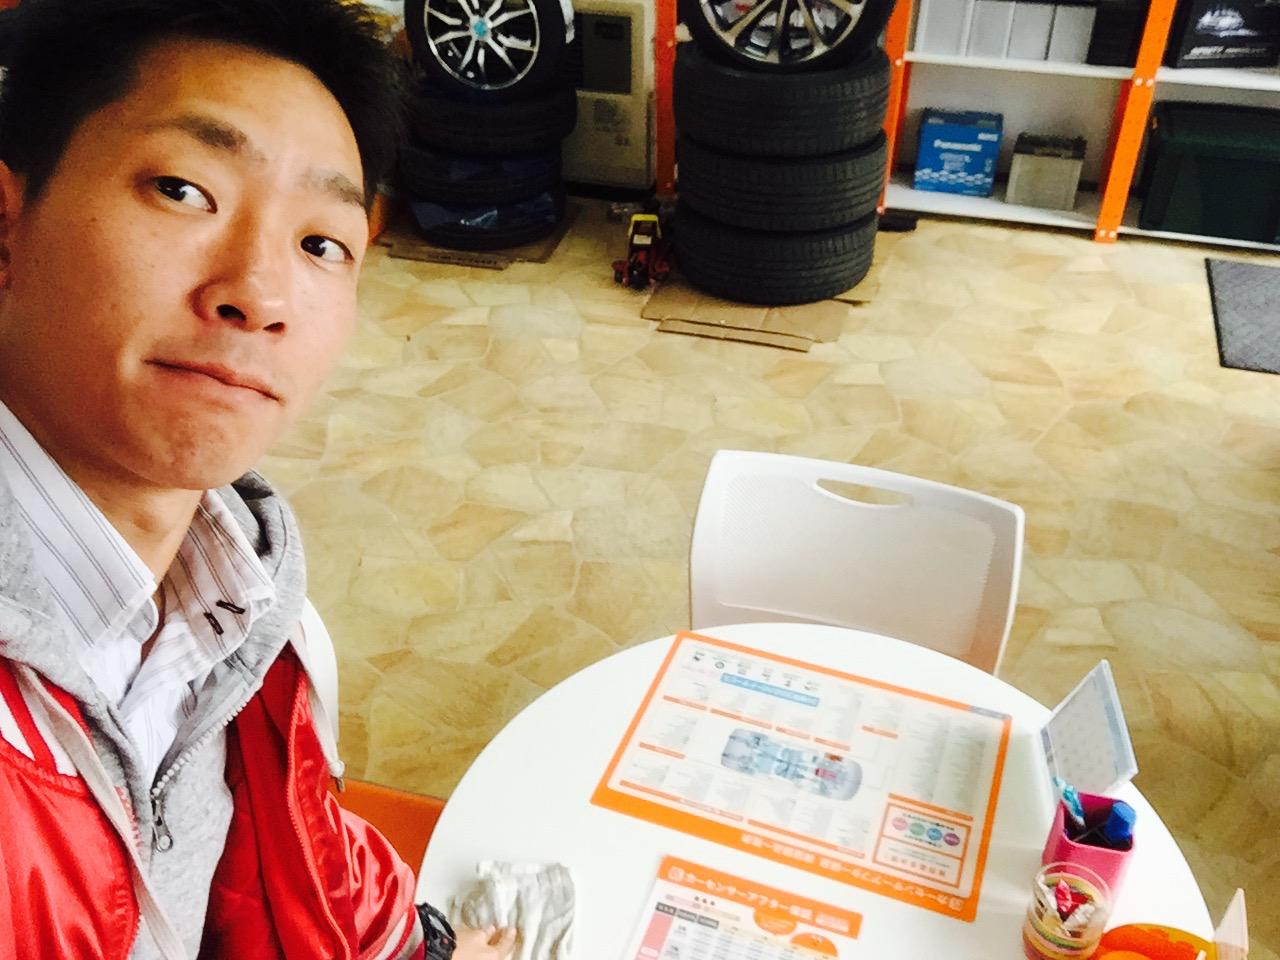 7月2日(木)TOMMYアウトレット☆撮影祭り!!新在入荷!100万円以下専門店♪♪_b0127002_18354830.jpg